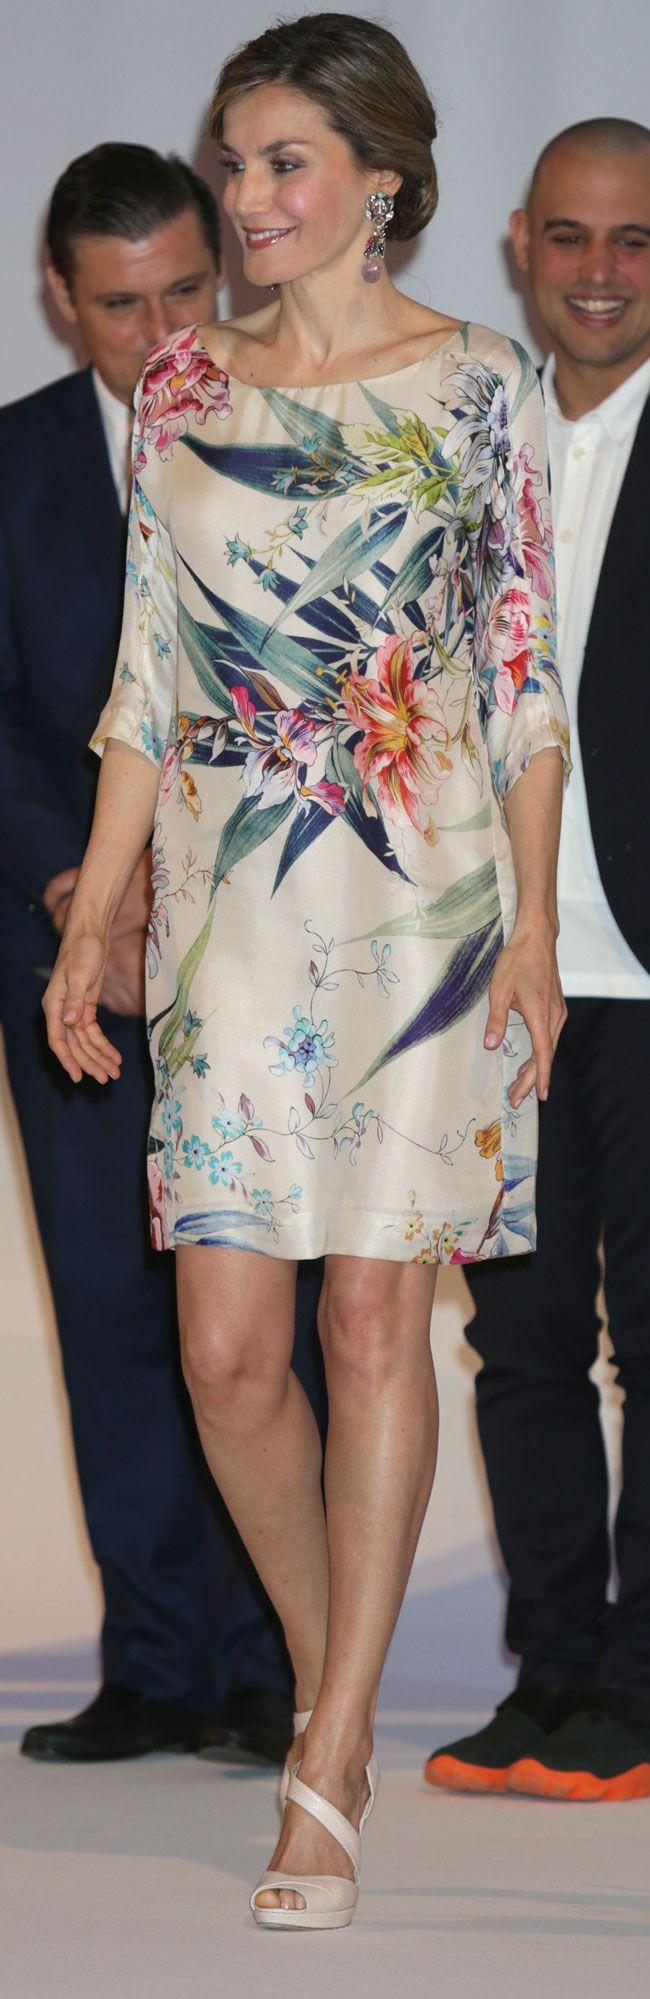 Su Majestad ha presidido la entrega de los Premios Nacionales de la Moda, celebrados en el Museo del Traje de Madrid, donde ha coincidido con lo mejor de los creadores y el diseño nacional, incluida la top Nieves Álvarez y la responsable de la firma Maria Ke Fisherman. 21.07.2016